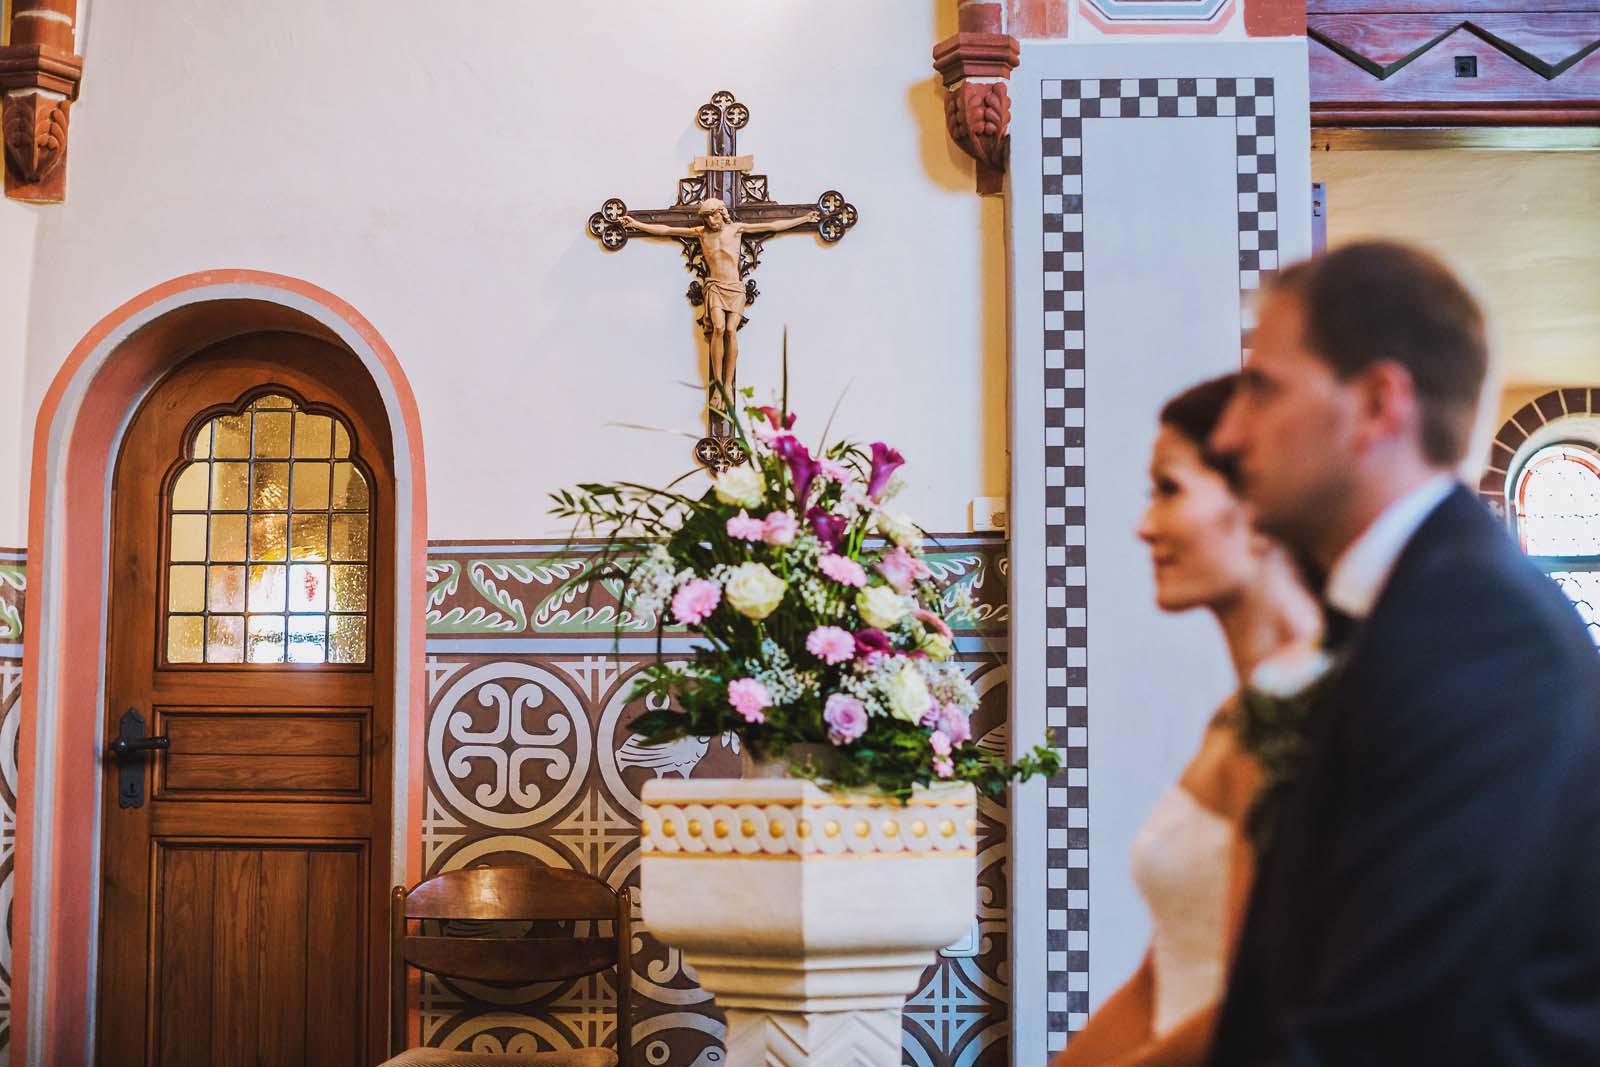 Brautpaar in Kirche Hochzeitsfotograf Berlin fotografiert ein Detail Copyright by Hochzeitsfotograf www.berliner-hochzeitsfotografie.de